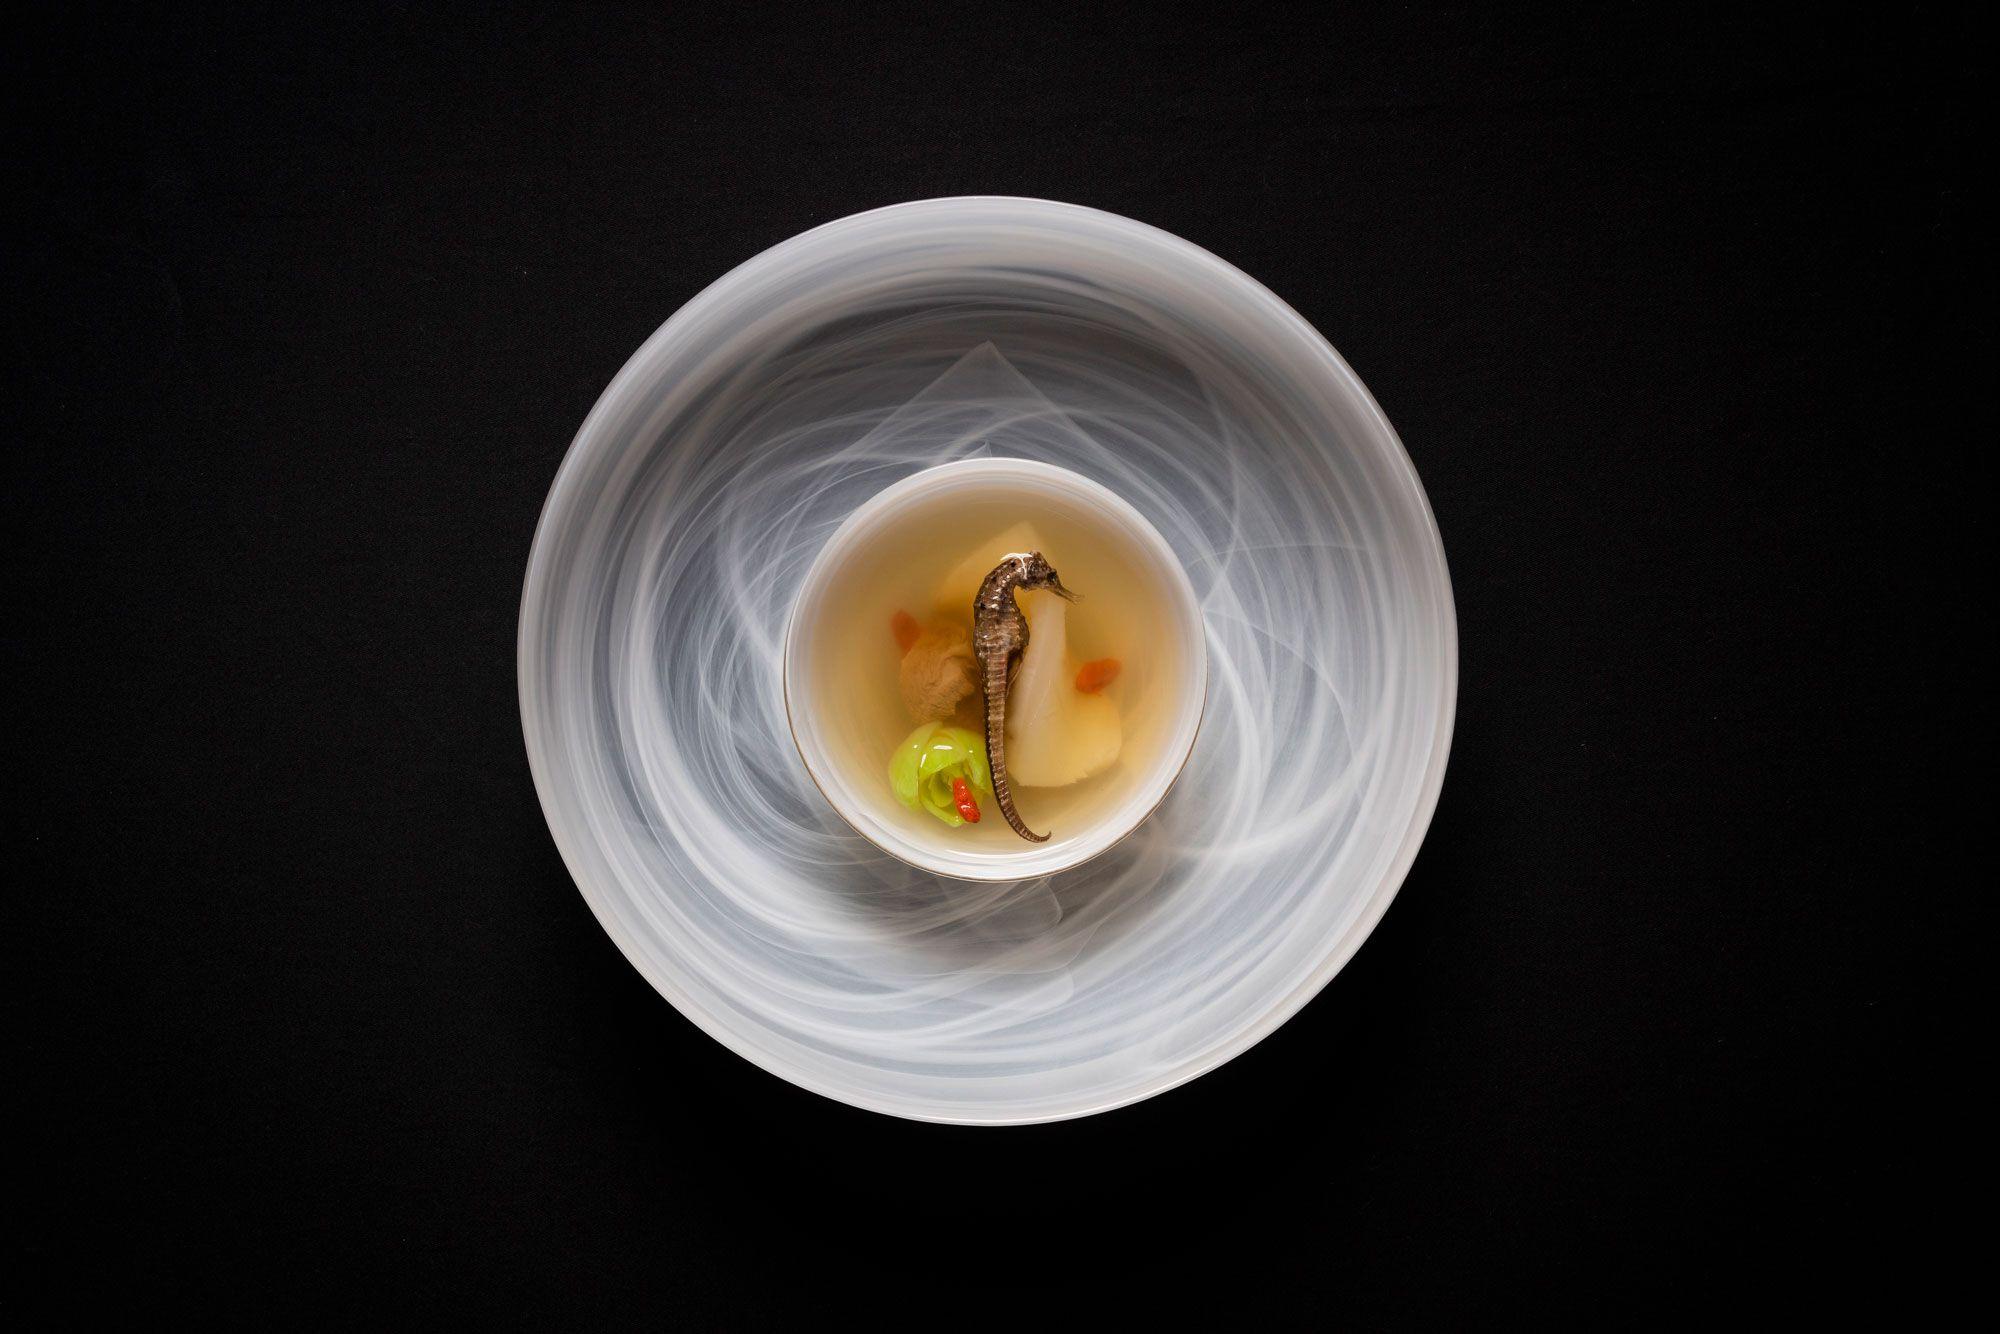 ザ・リッツ・カールトン広州では、中国料理のスターシェフ3人がコラボするシックスハンズディナー。アーティスティックな6品が供される。